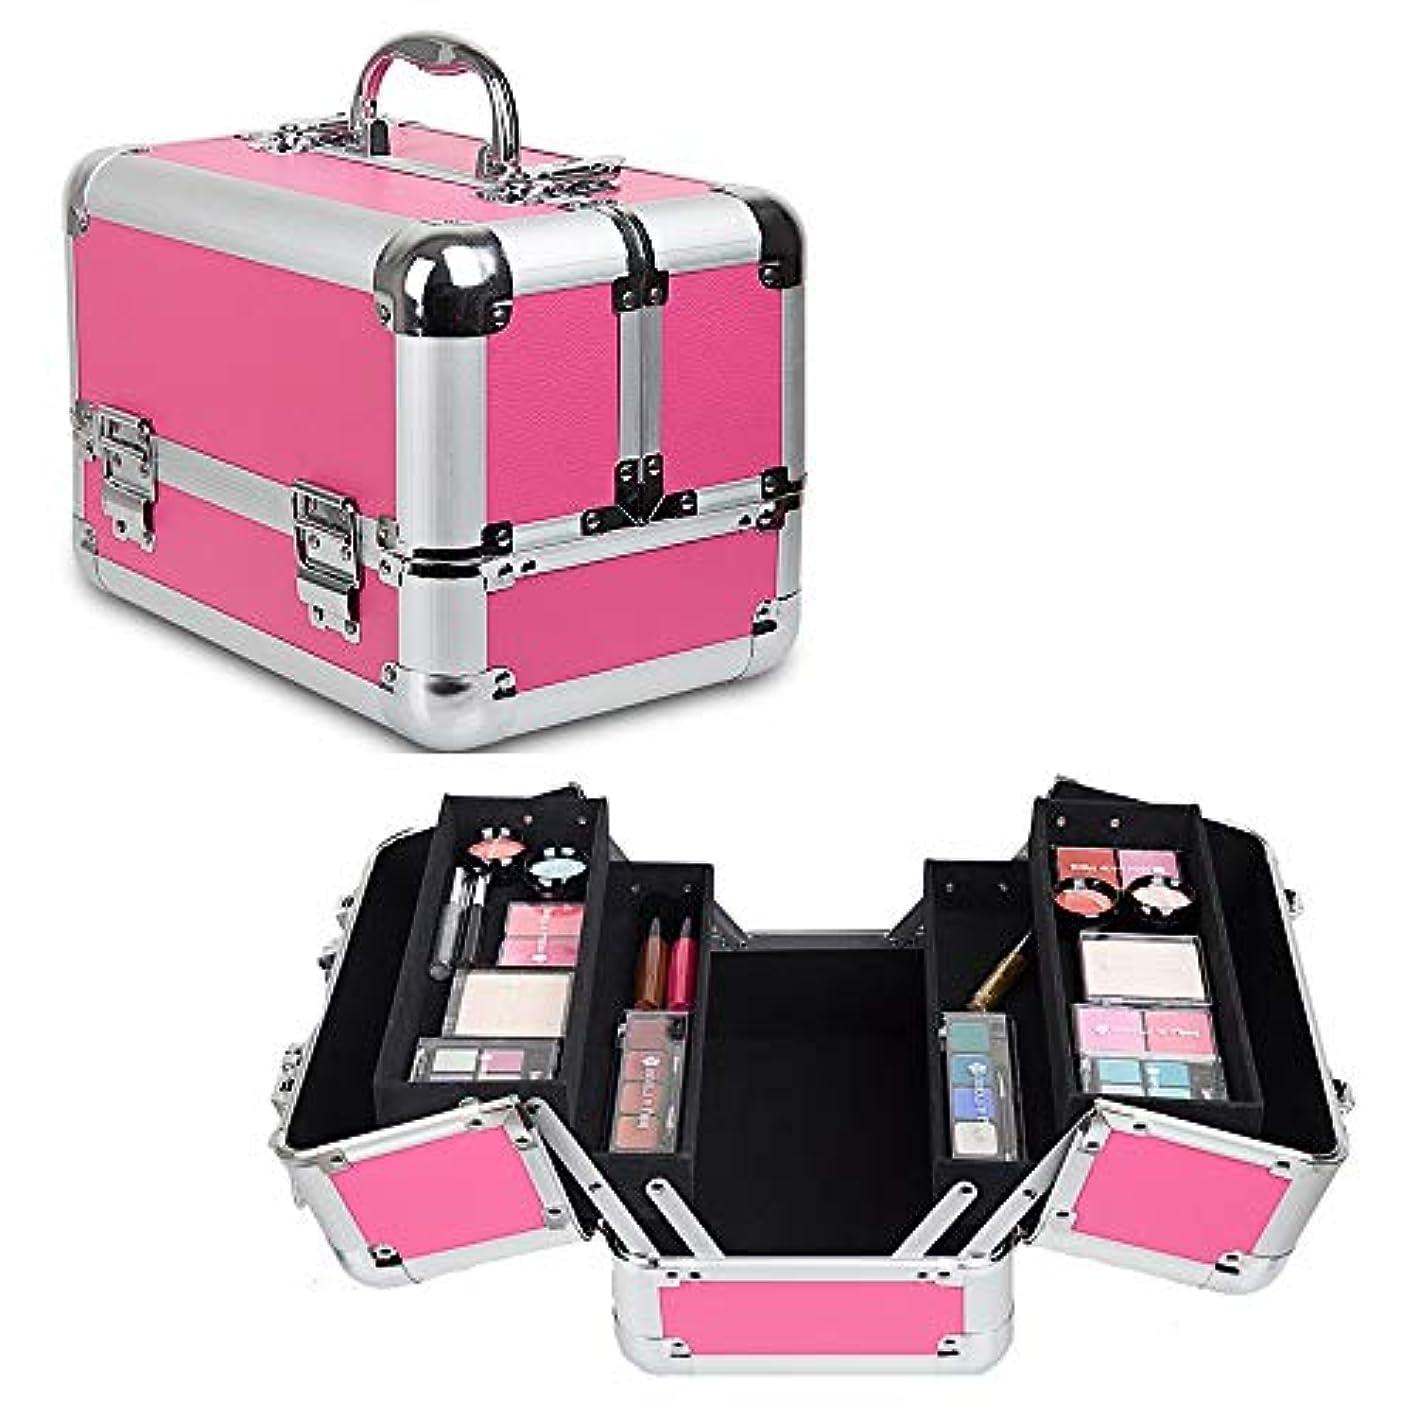 肘百広告する化粧オーガナイザーバッグ メイクアップトラベルバッグストレージバッグ防水ミニメイクアップケース旅行旅行のための 化粧品ケース